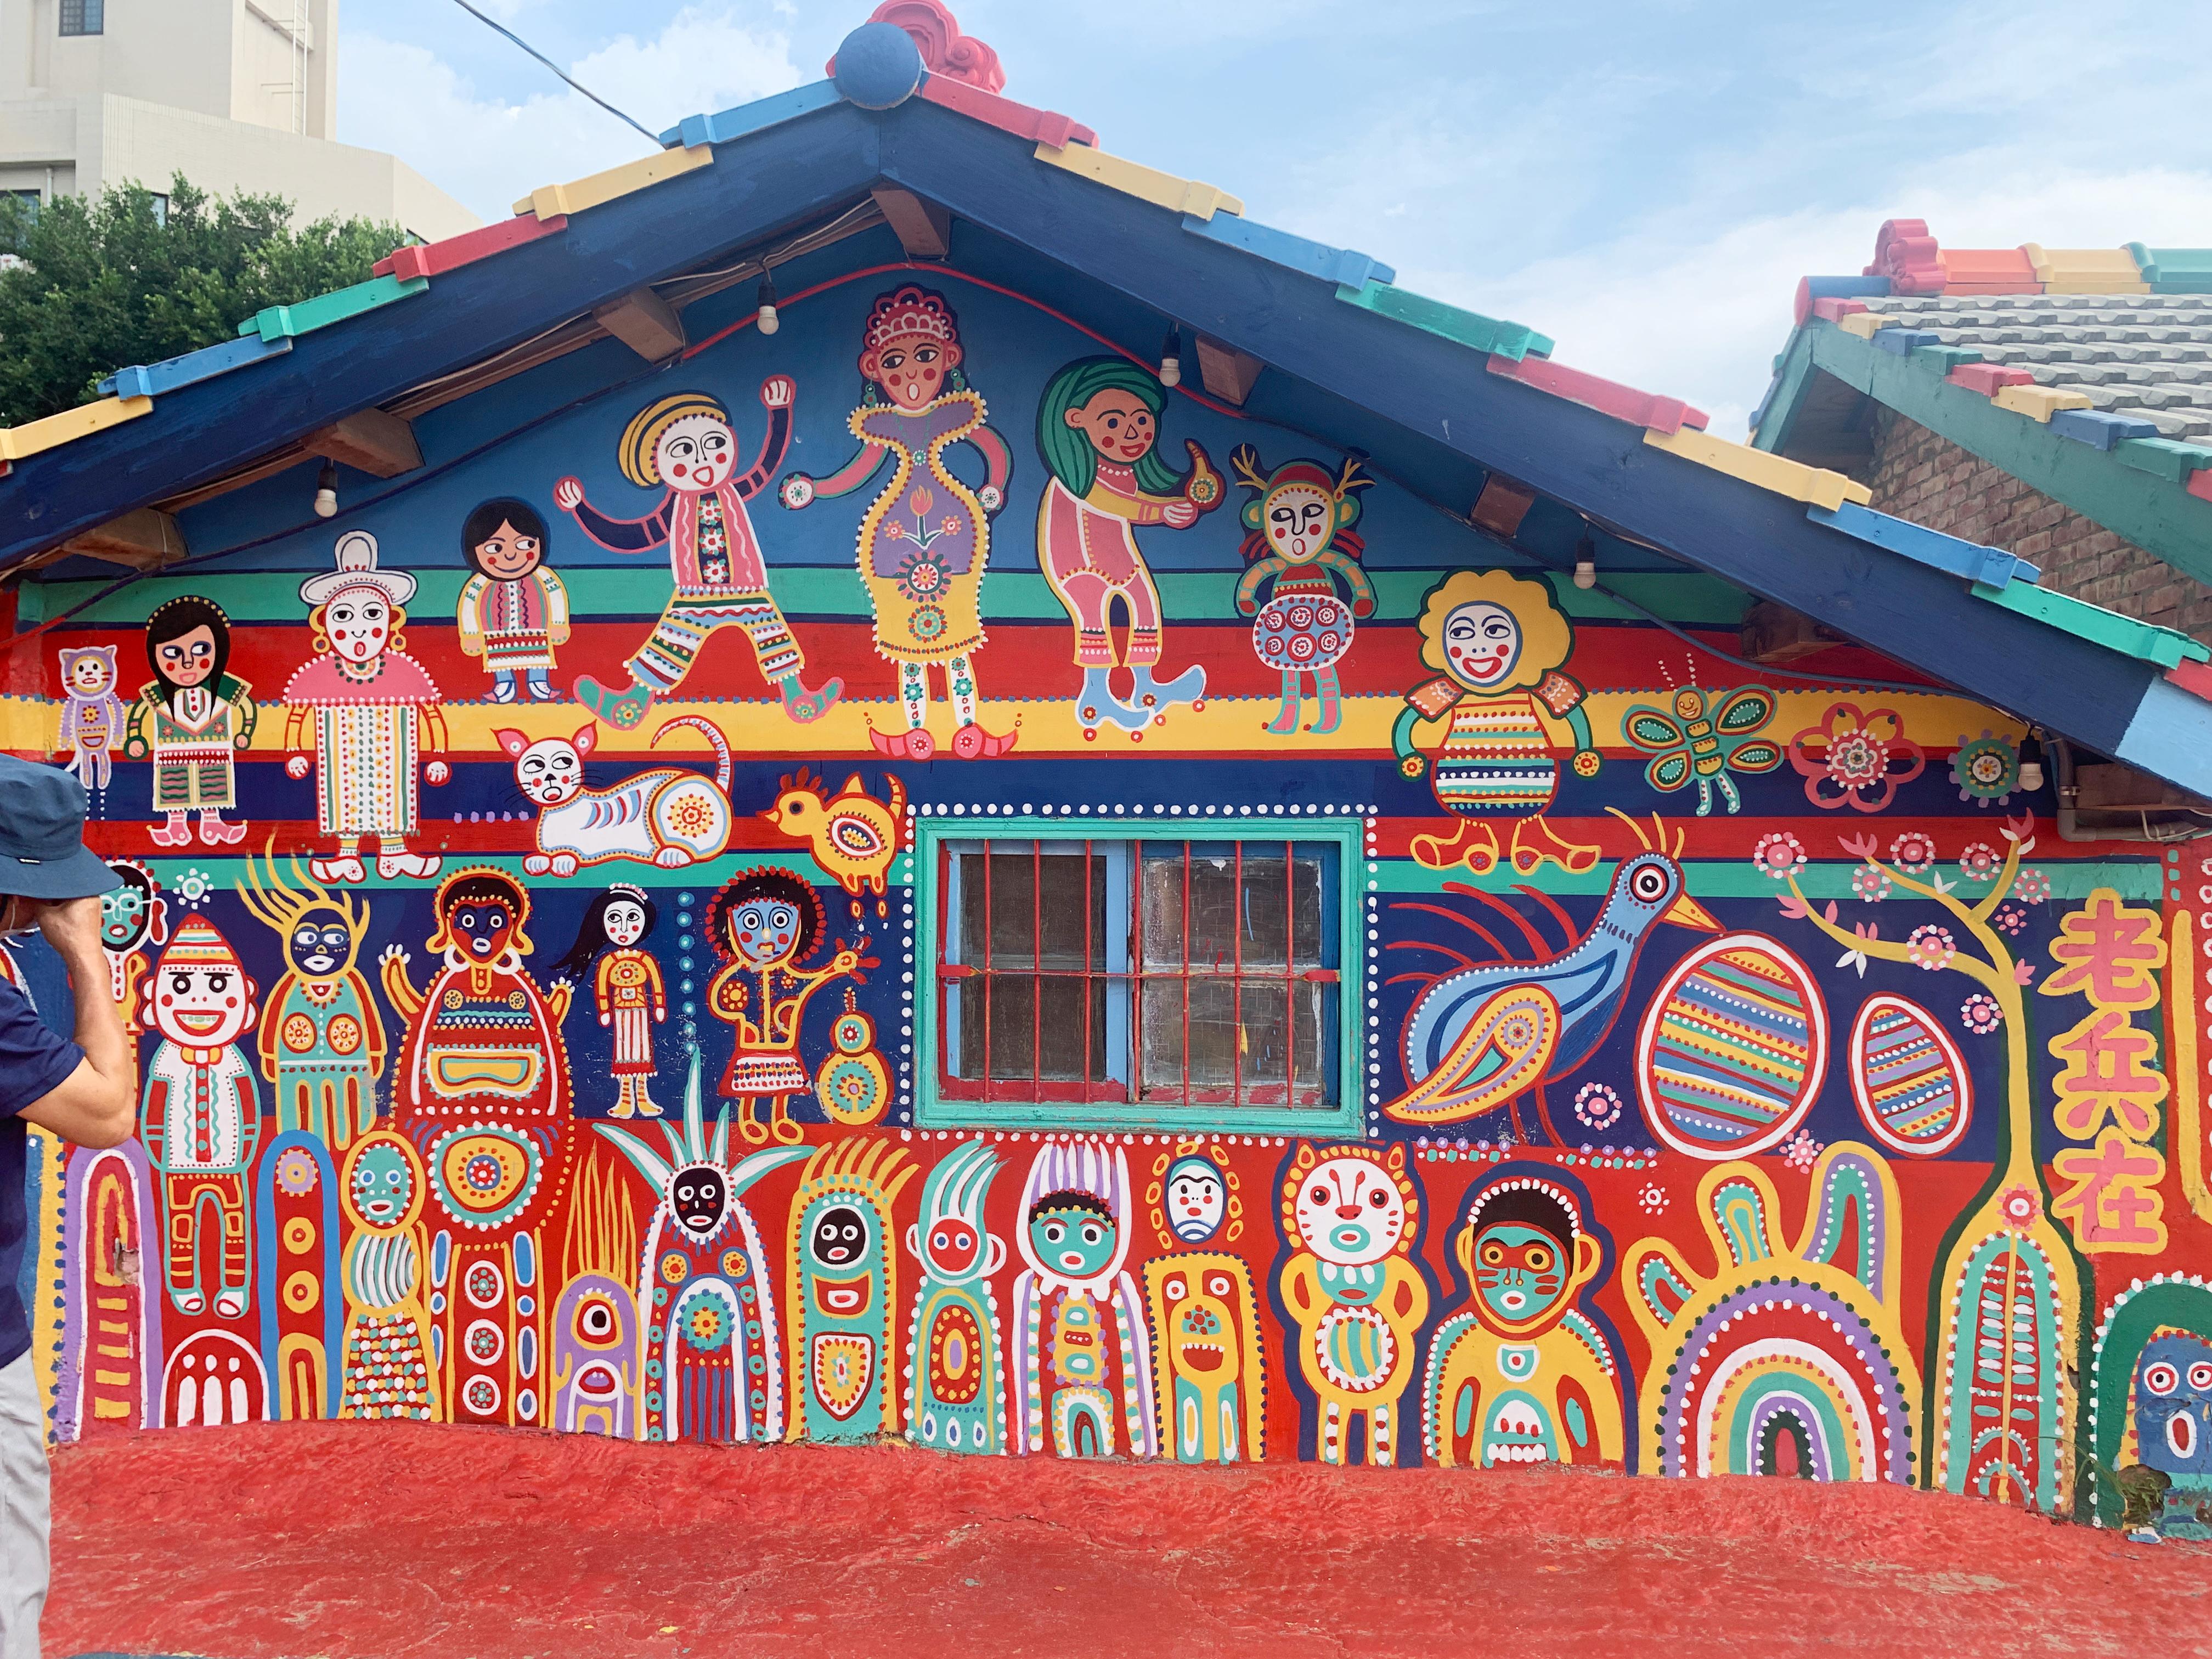 彩虹眷村色彩繽紛的彩繪牆